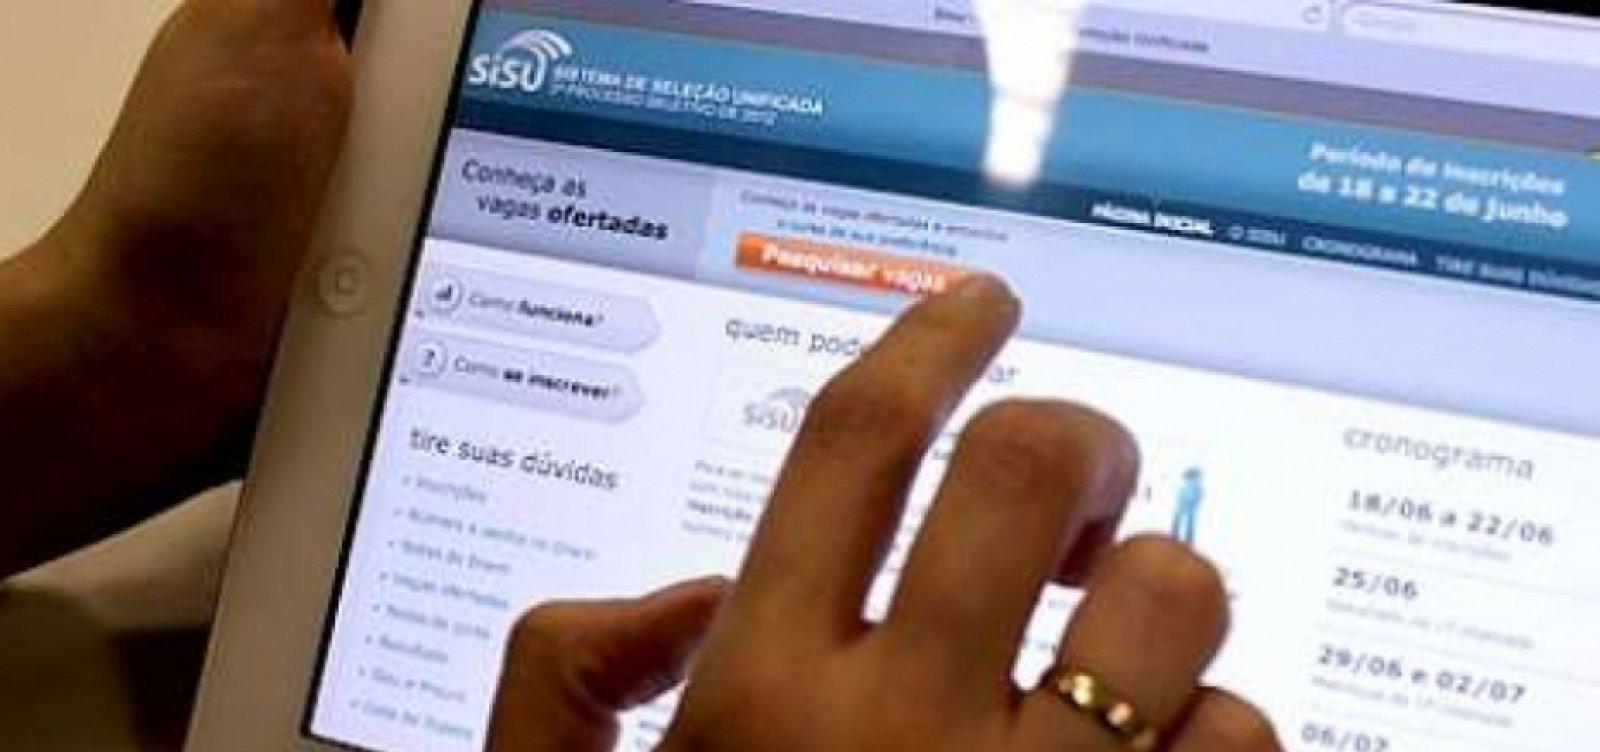 Sisu tem mais de 800 mil candidatos inscritos